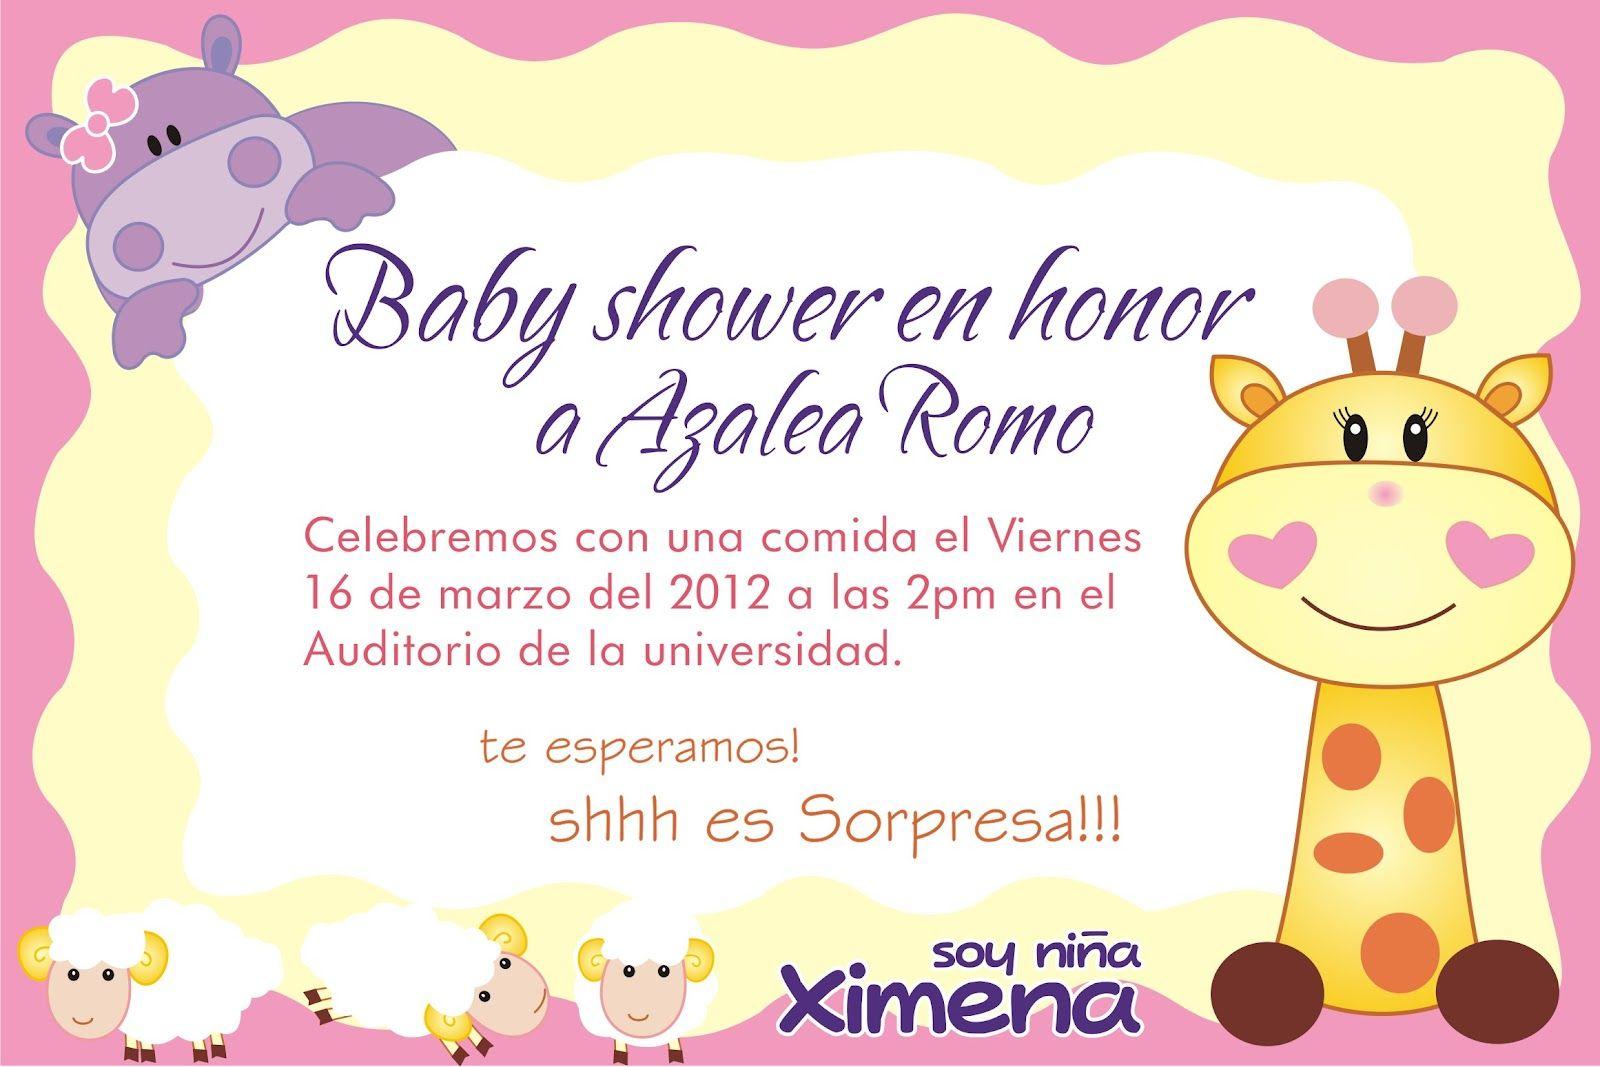 Invitaciones Para Baby Shower De Niña Youtube Hd Wallpapers